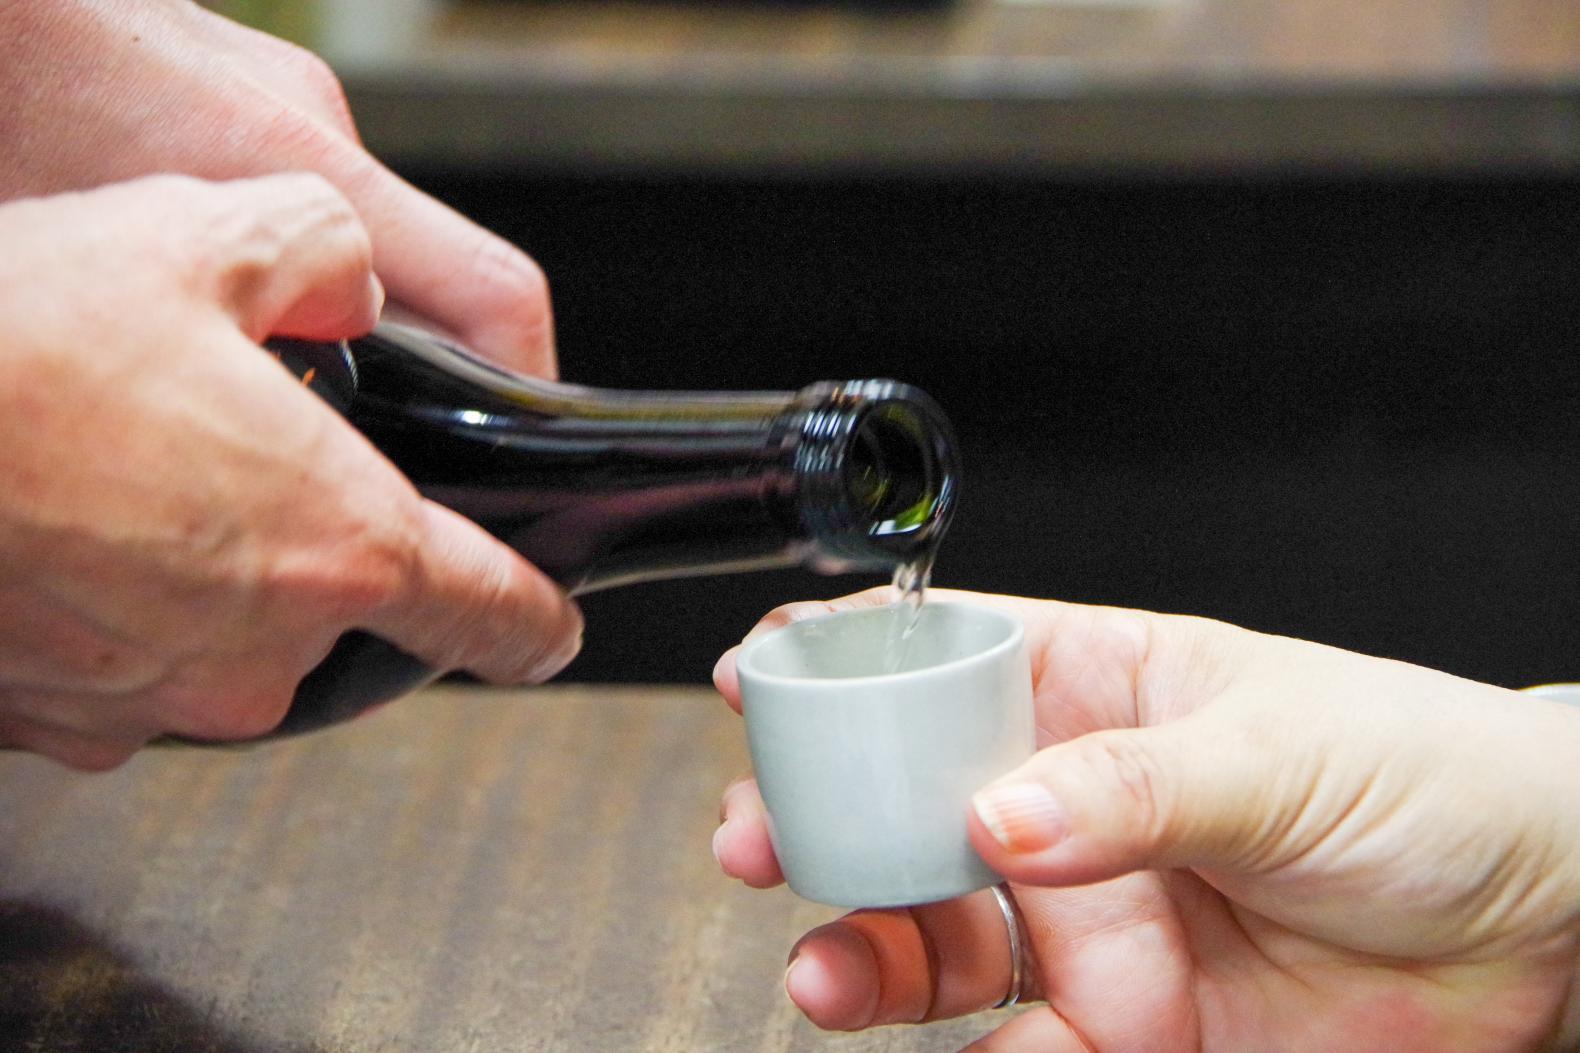 さあ、試飲を楽しもう!できたての味、熟成後の味わい…壱岐だけに一気に焼酎通に!?-0